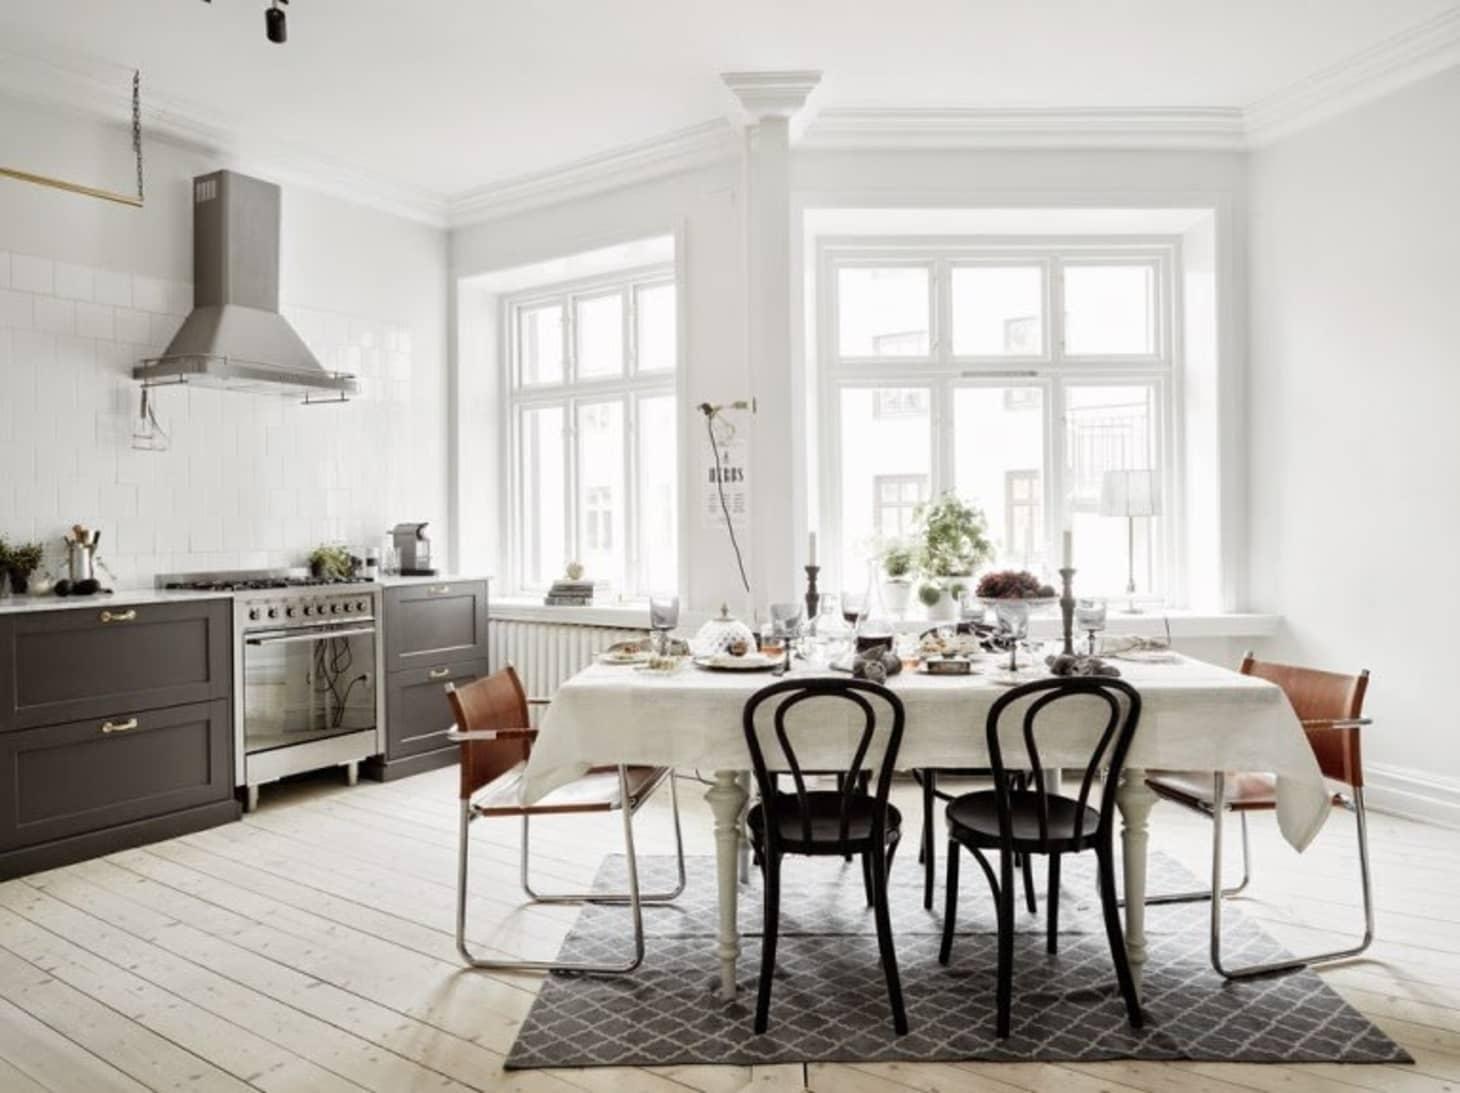 (Image Credit: My Scandinavian Home)